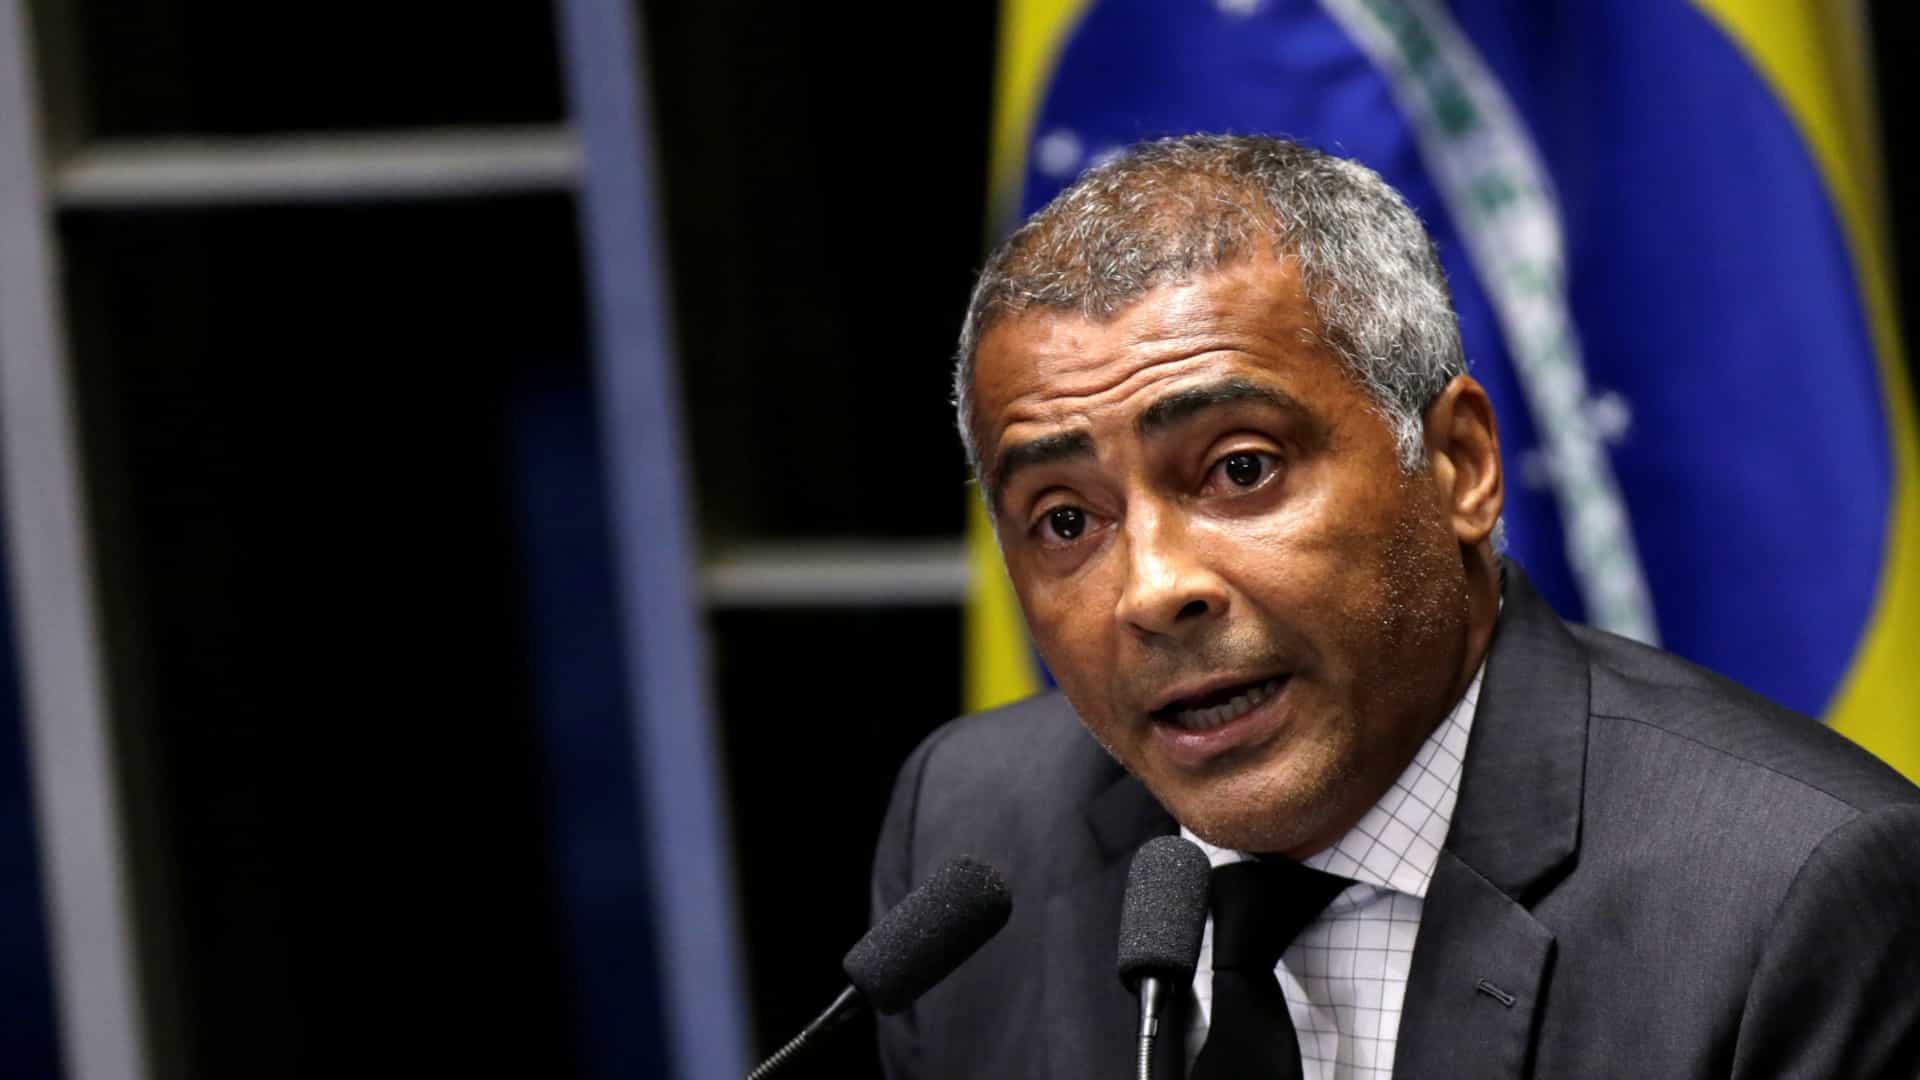 naom 5b3f2d9870127 - Romário apresenta projeto que proíbe punição a atletas por manifestação política